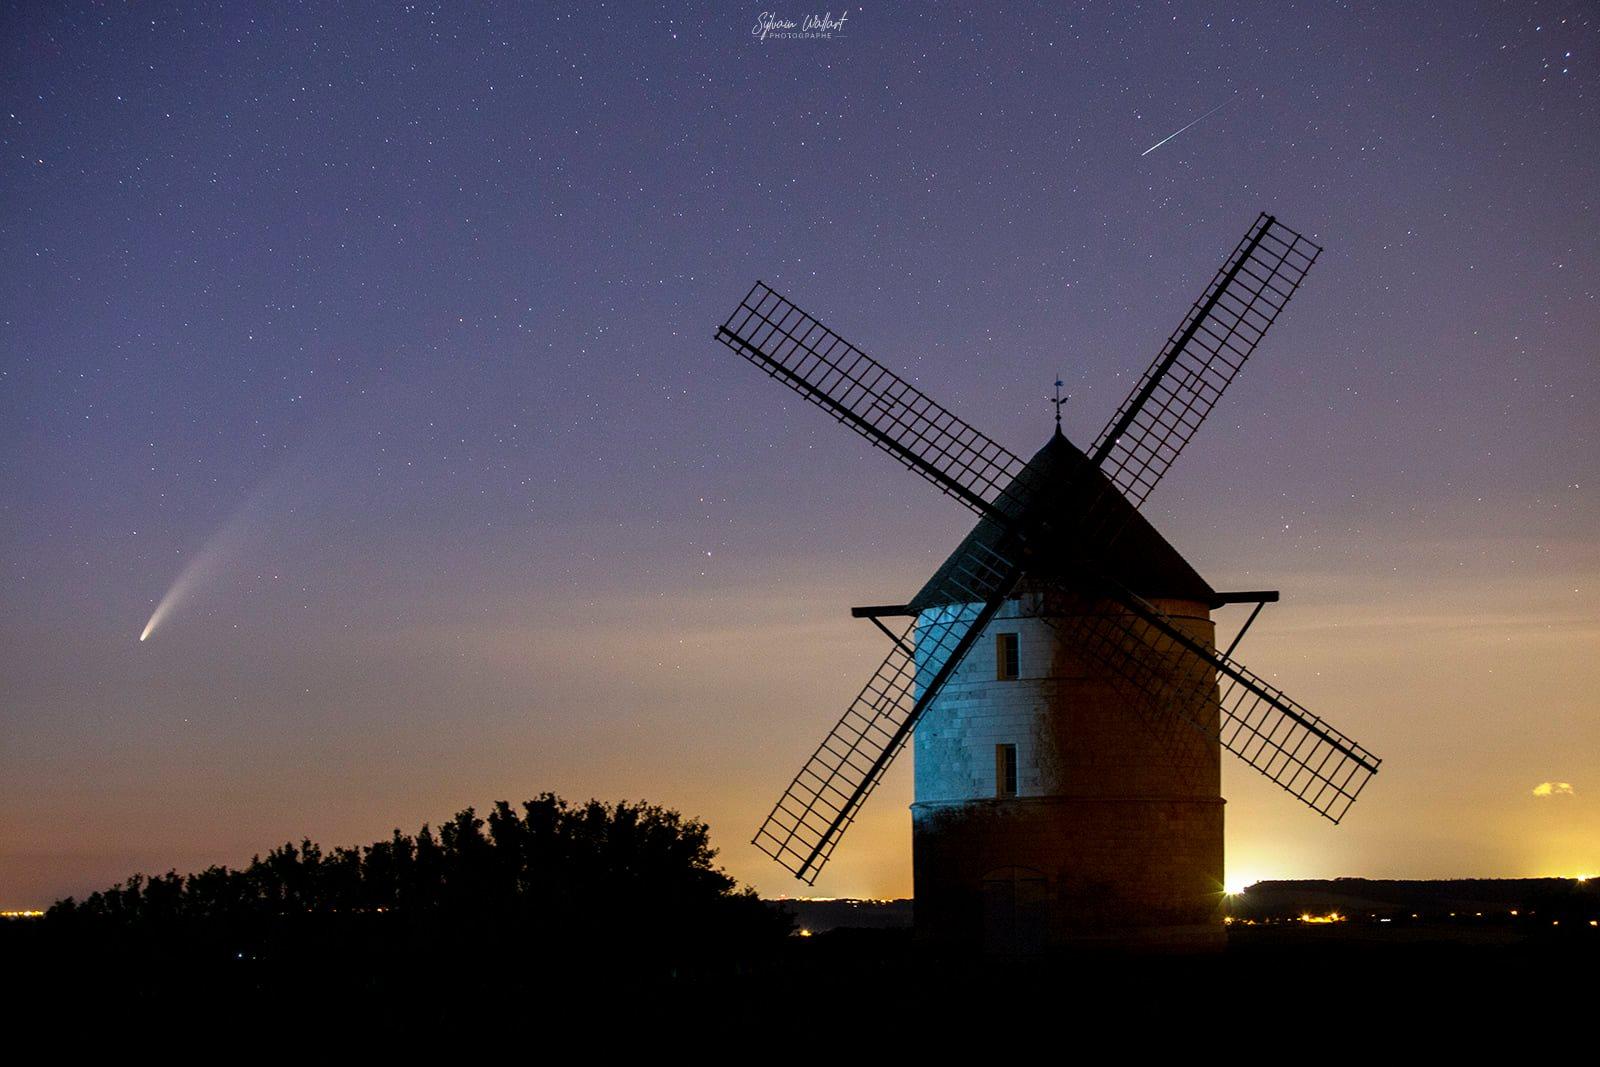 Neowise et le moulin de Nortbécourt 108183232_3361129650606091_1546333967119544038_o